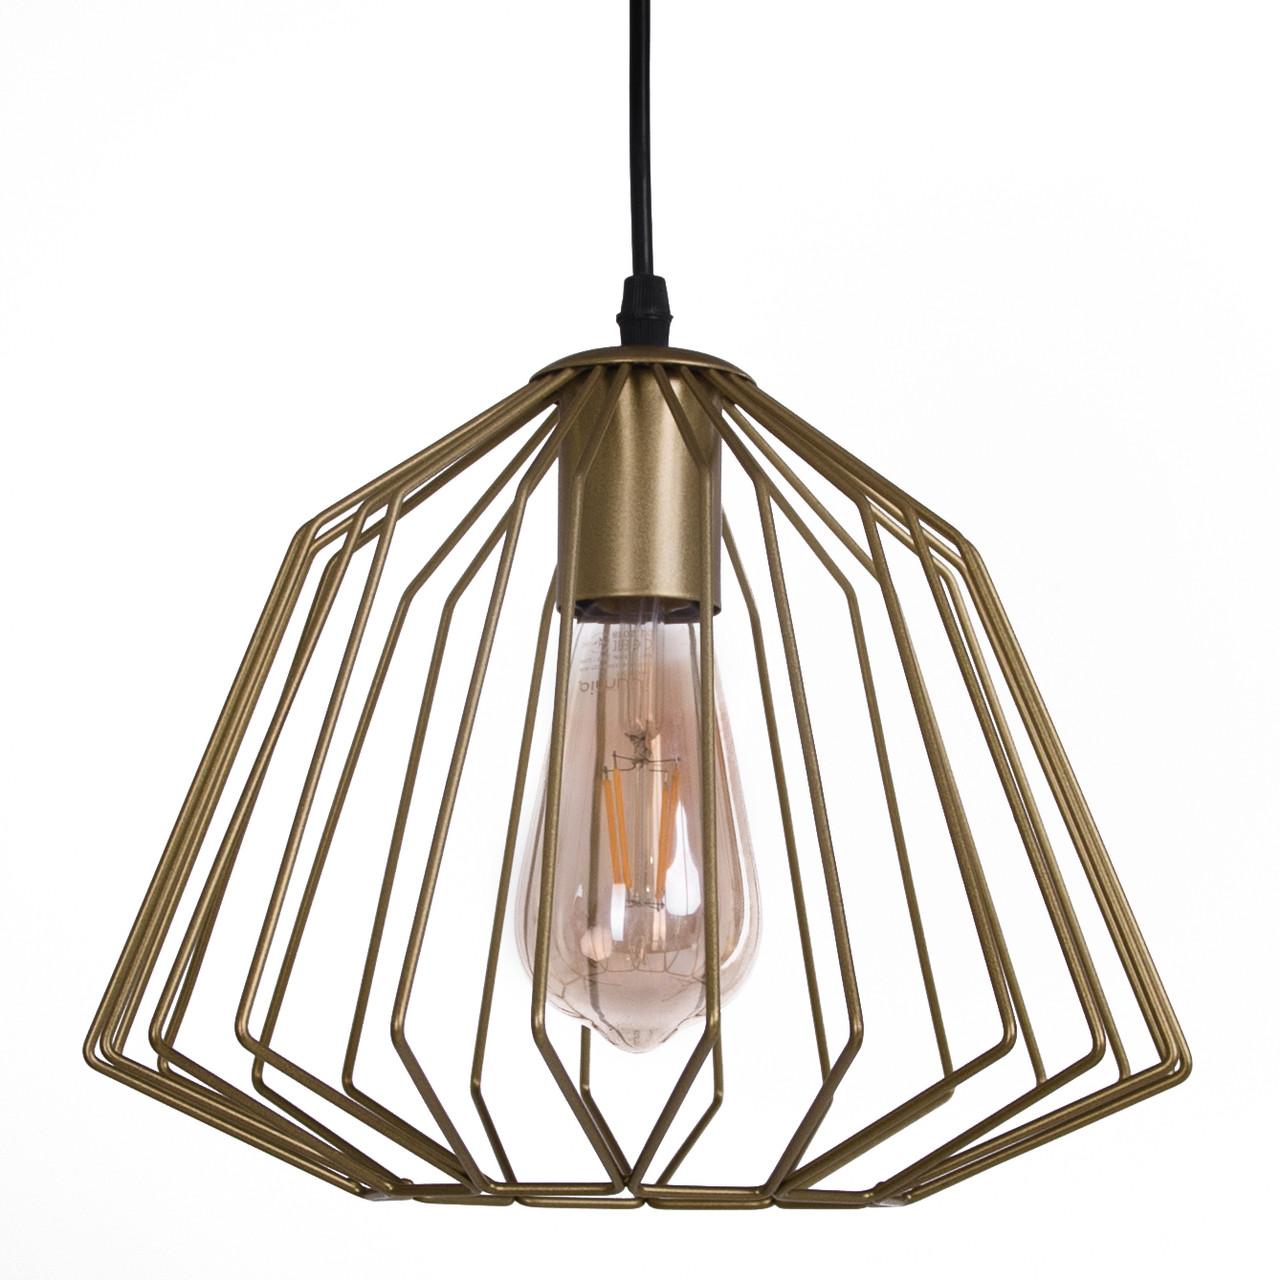 Потолочный подвесной светильник Atma Light серии Darth P280 Gold